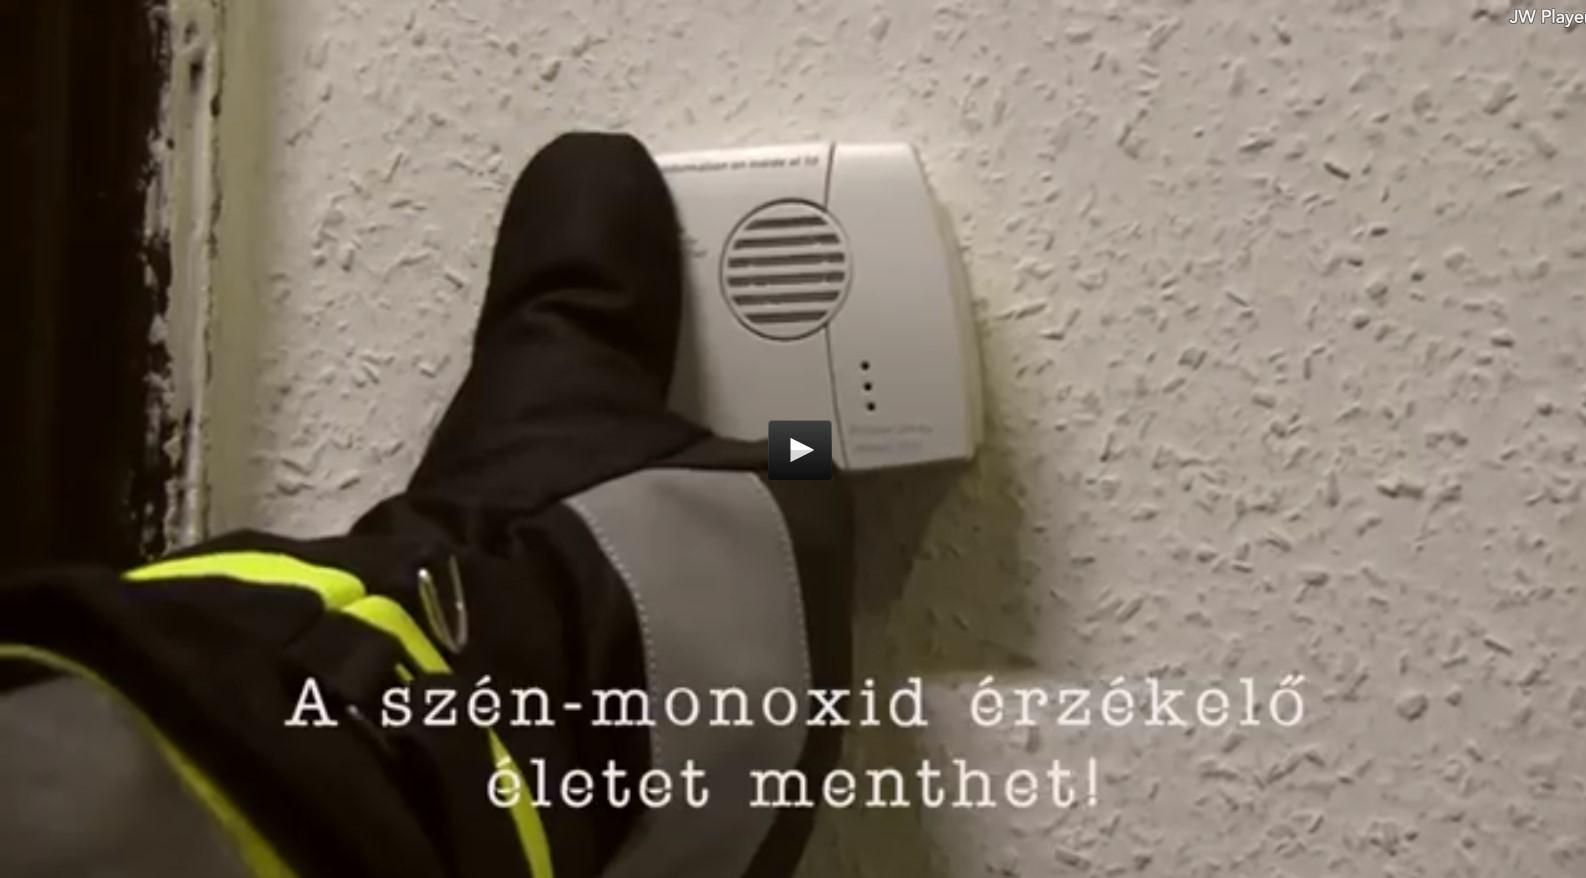 A szén-monoxid ölhet - előzzük meg a mérgezéseket